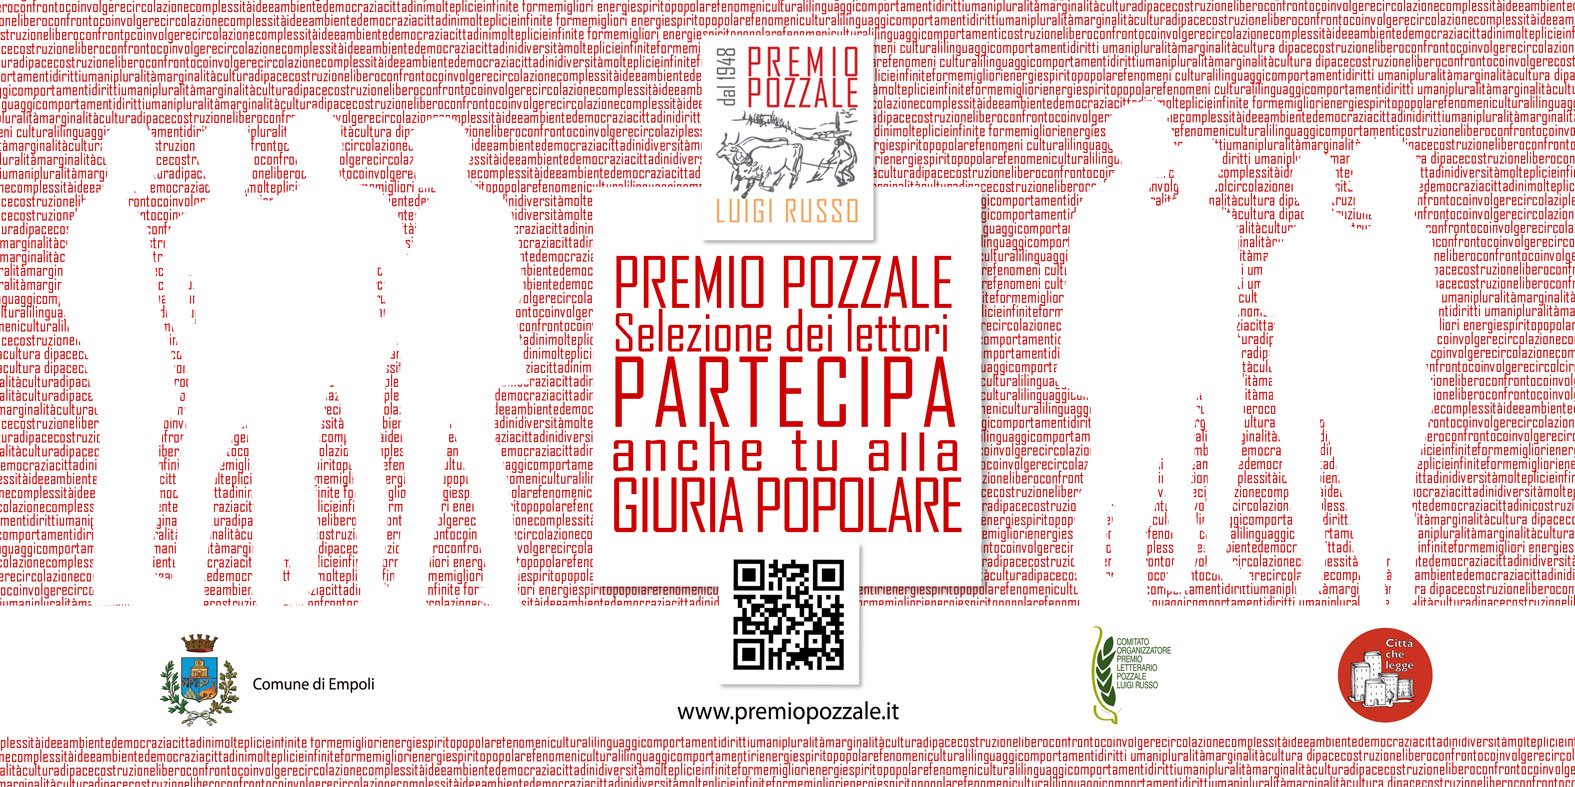 Premio Pozzale Luigi Russo - locandina